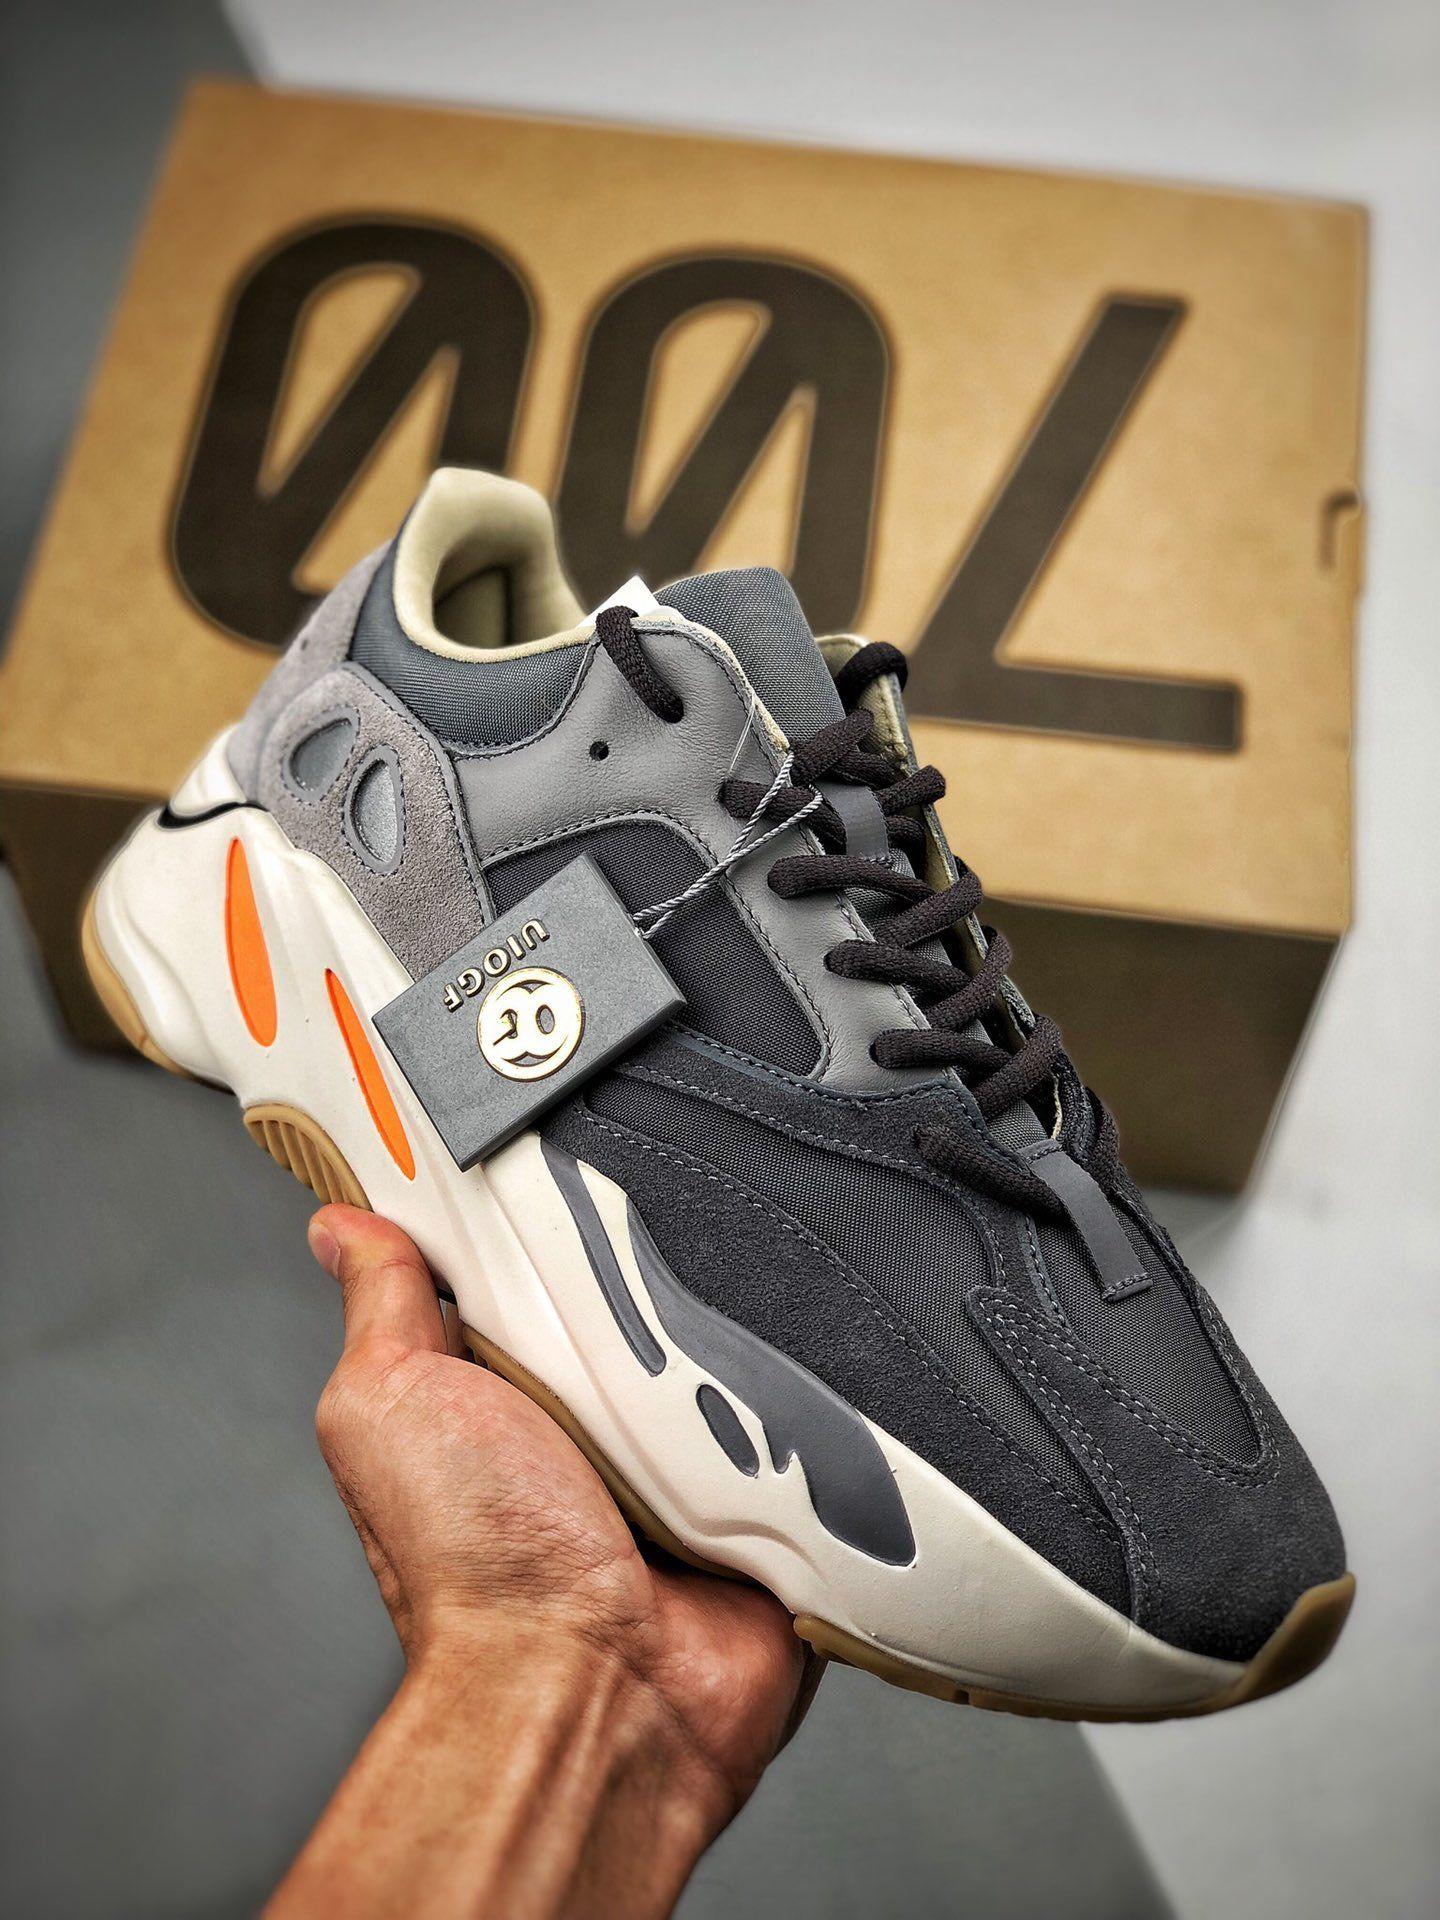 Sneaker Online 收藏于 Yeezy Style